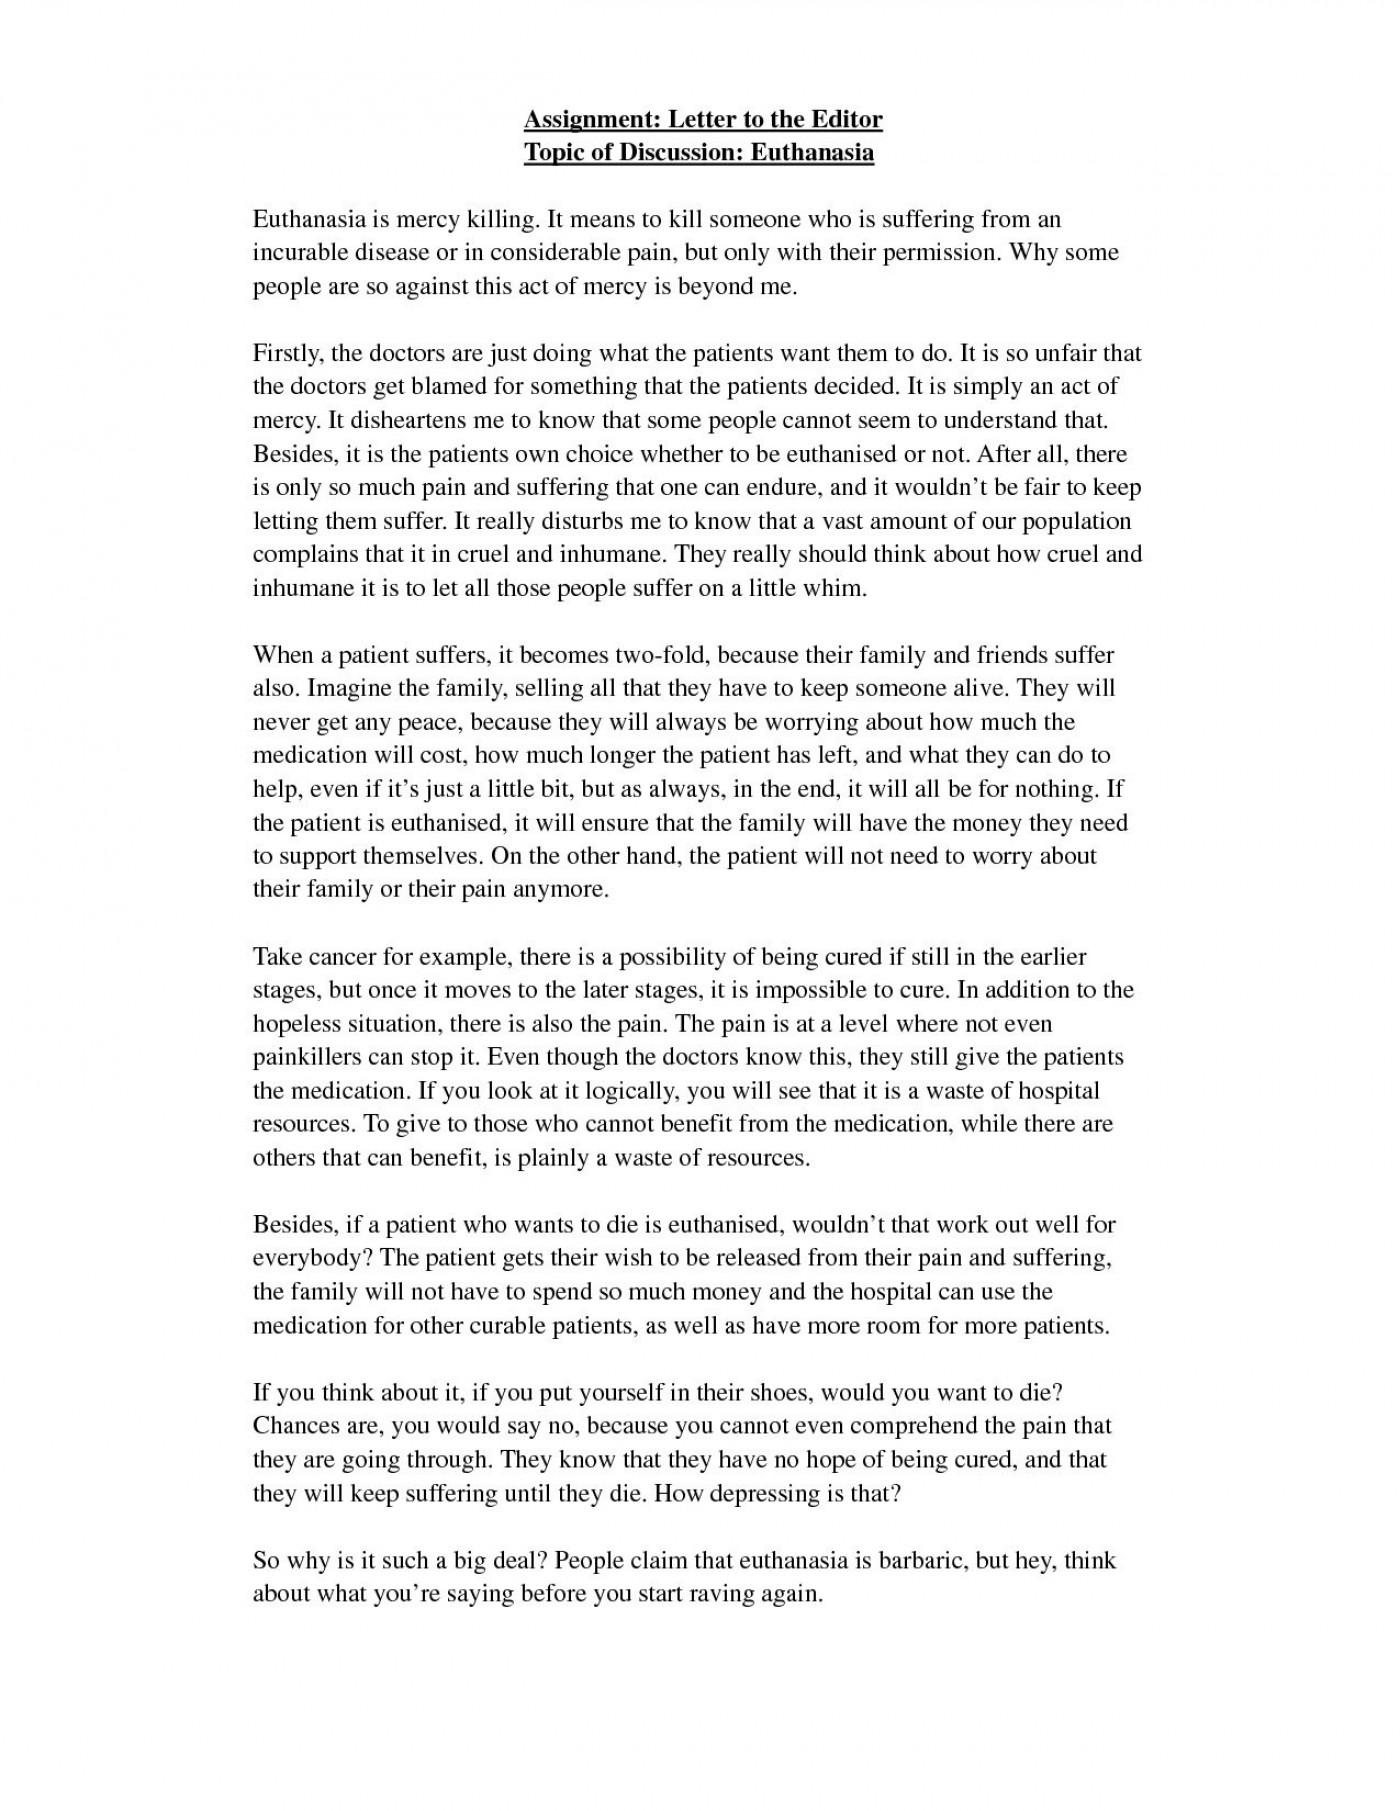 Rudy ruettiger essay